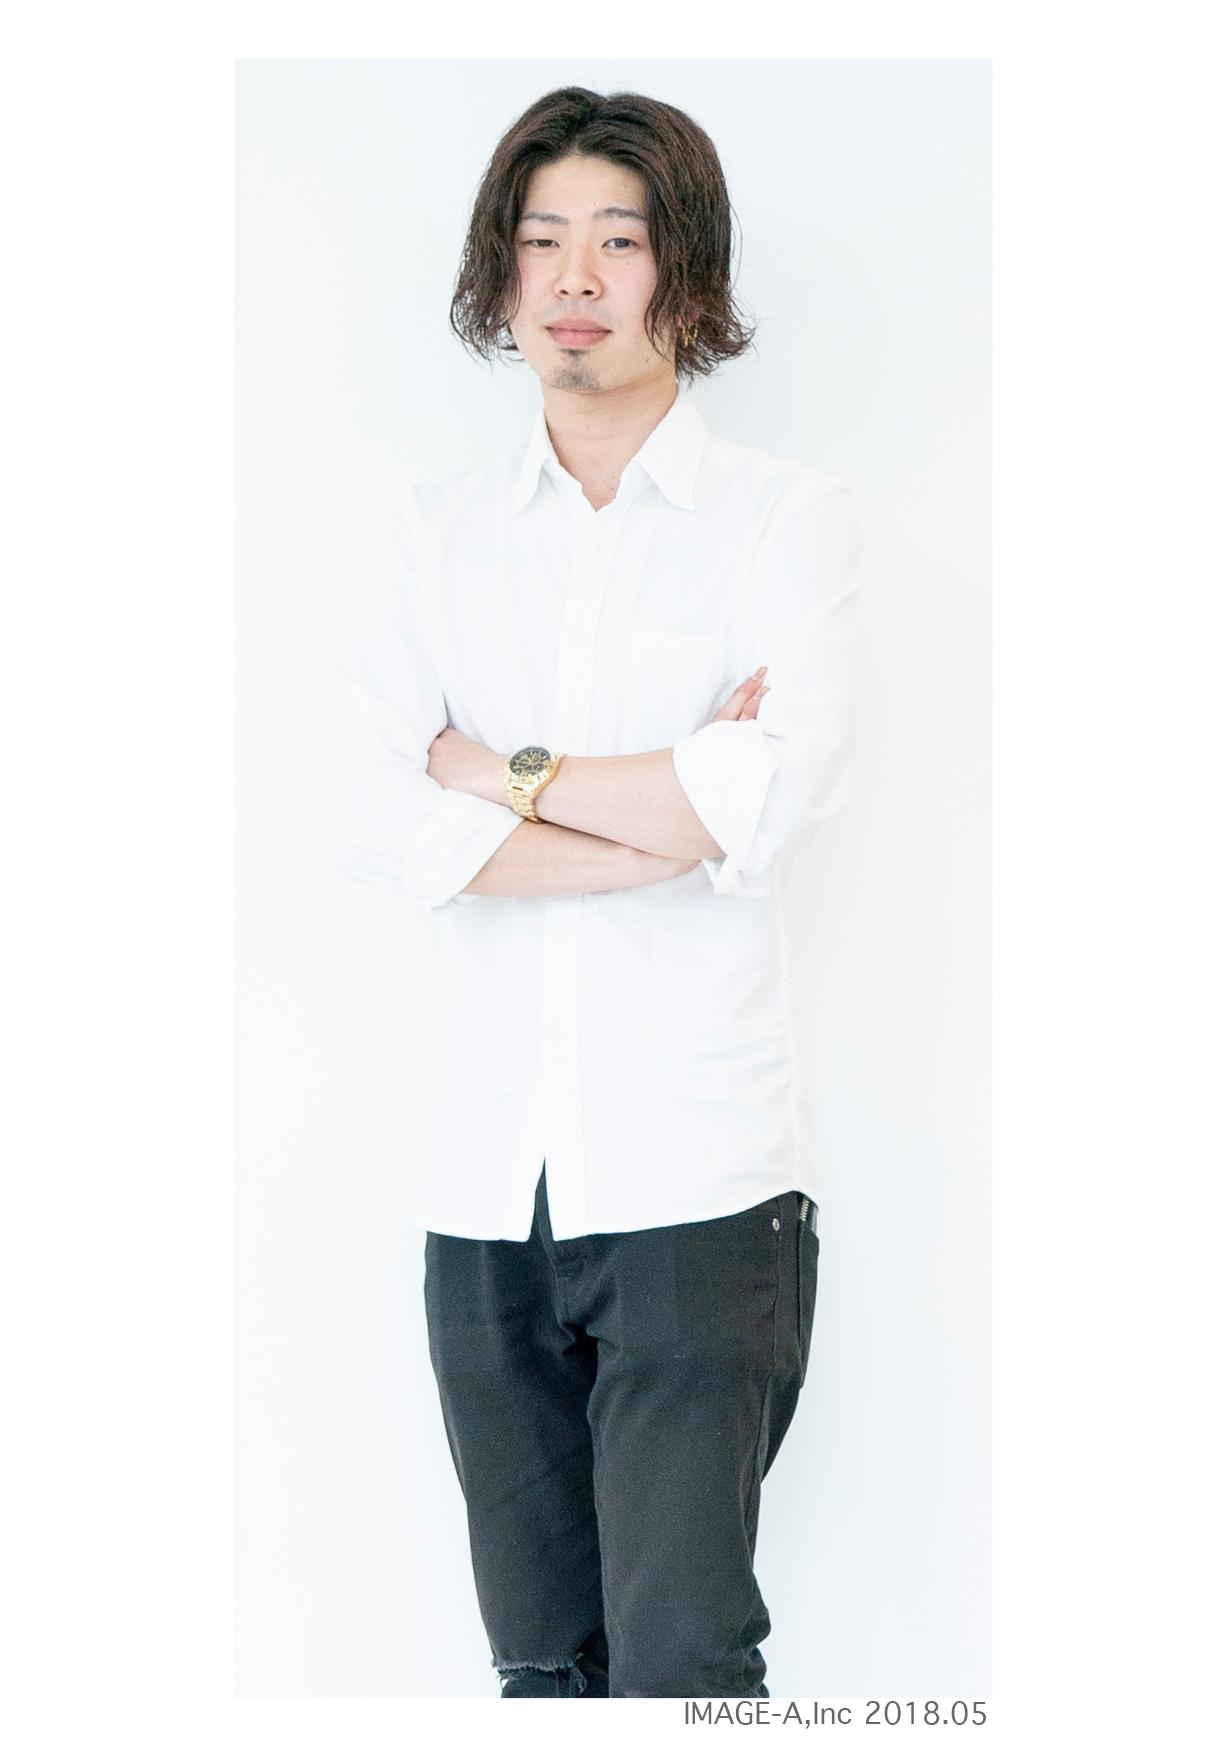 Taiga Inoue